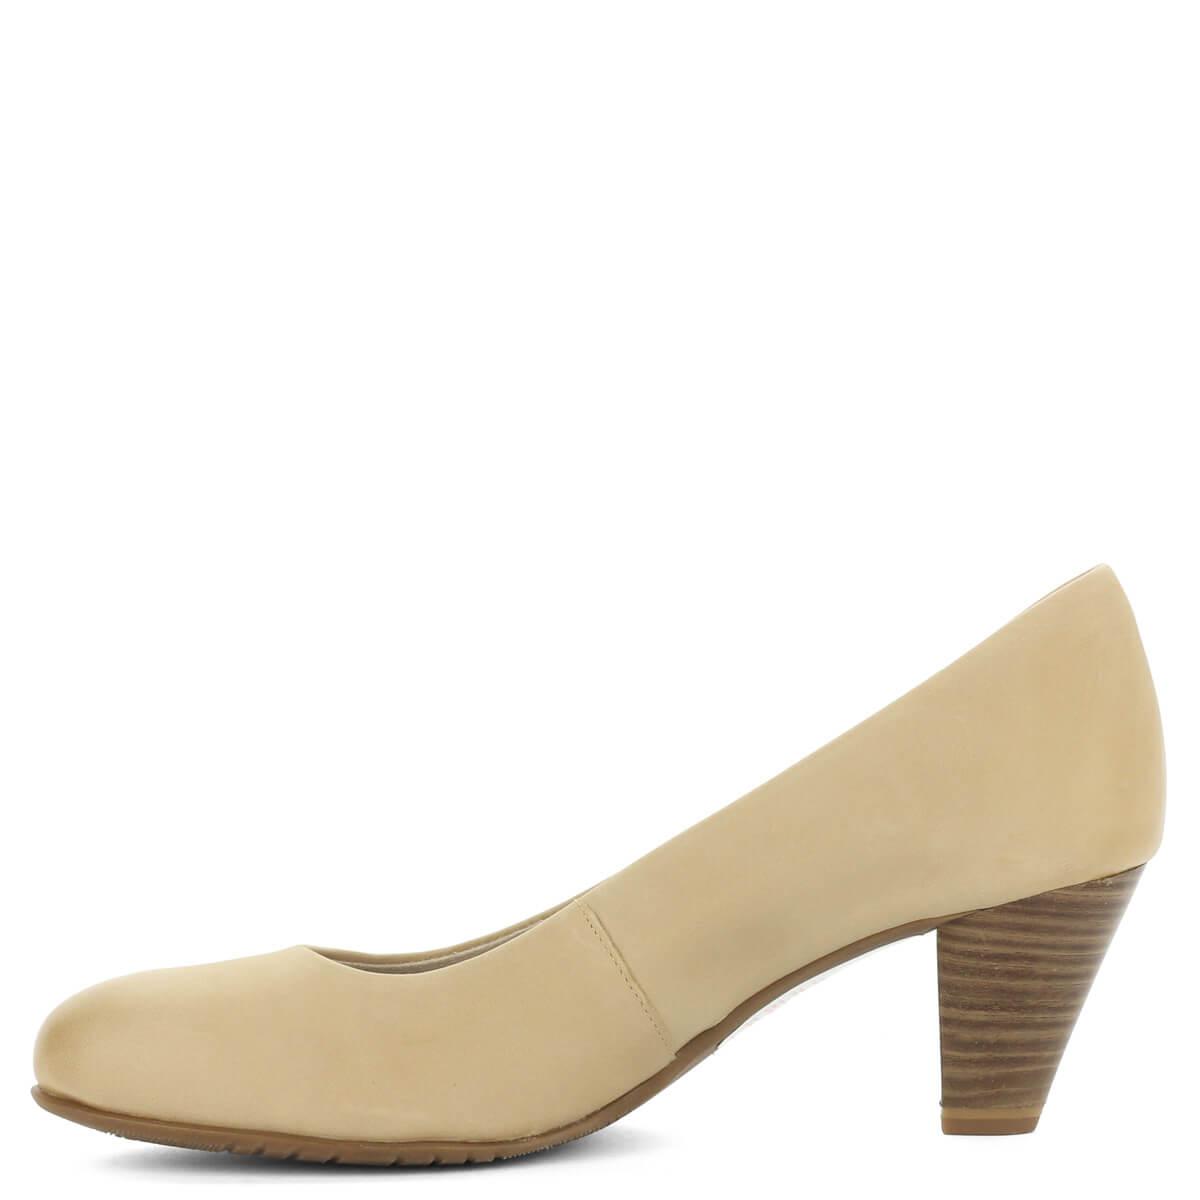 ... Bézs Tamaris cipő Antishokk sarokkal. Közepes magasságú (6 cm) sarokkal  készült 0447e8a27a